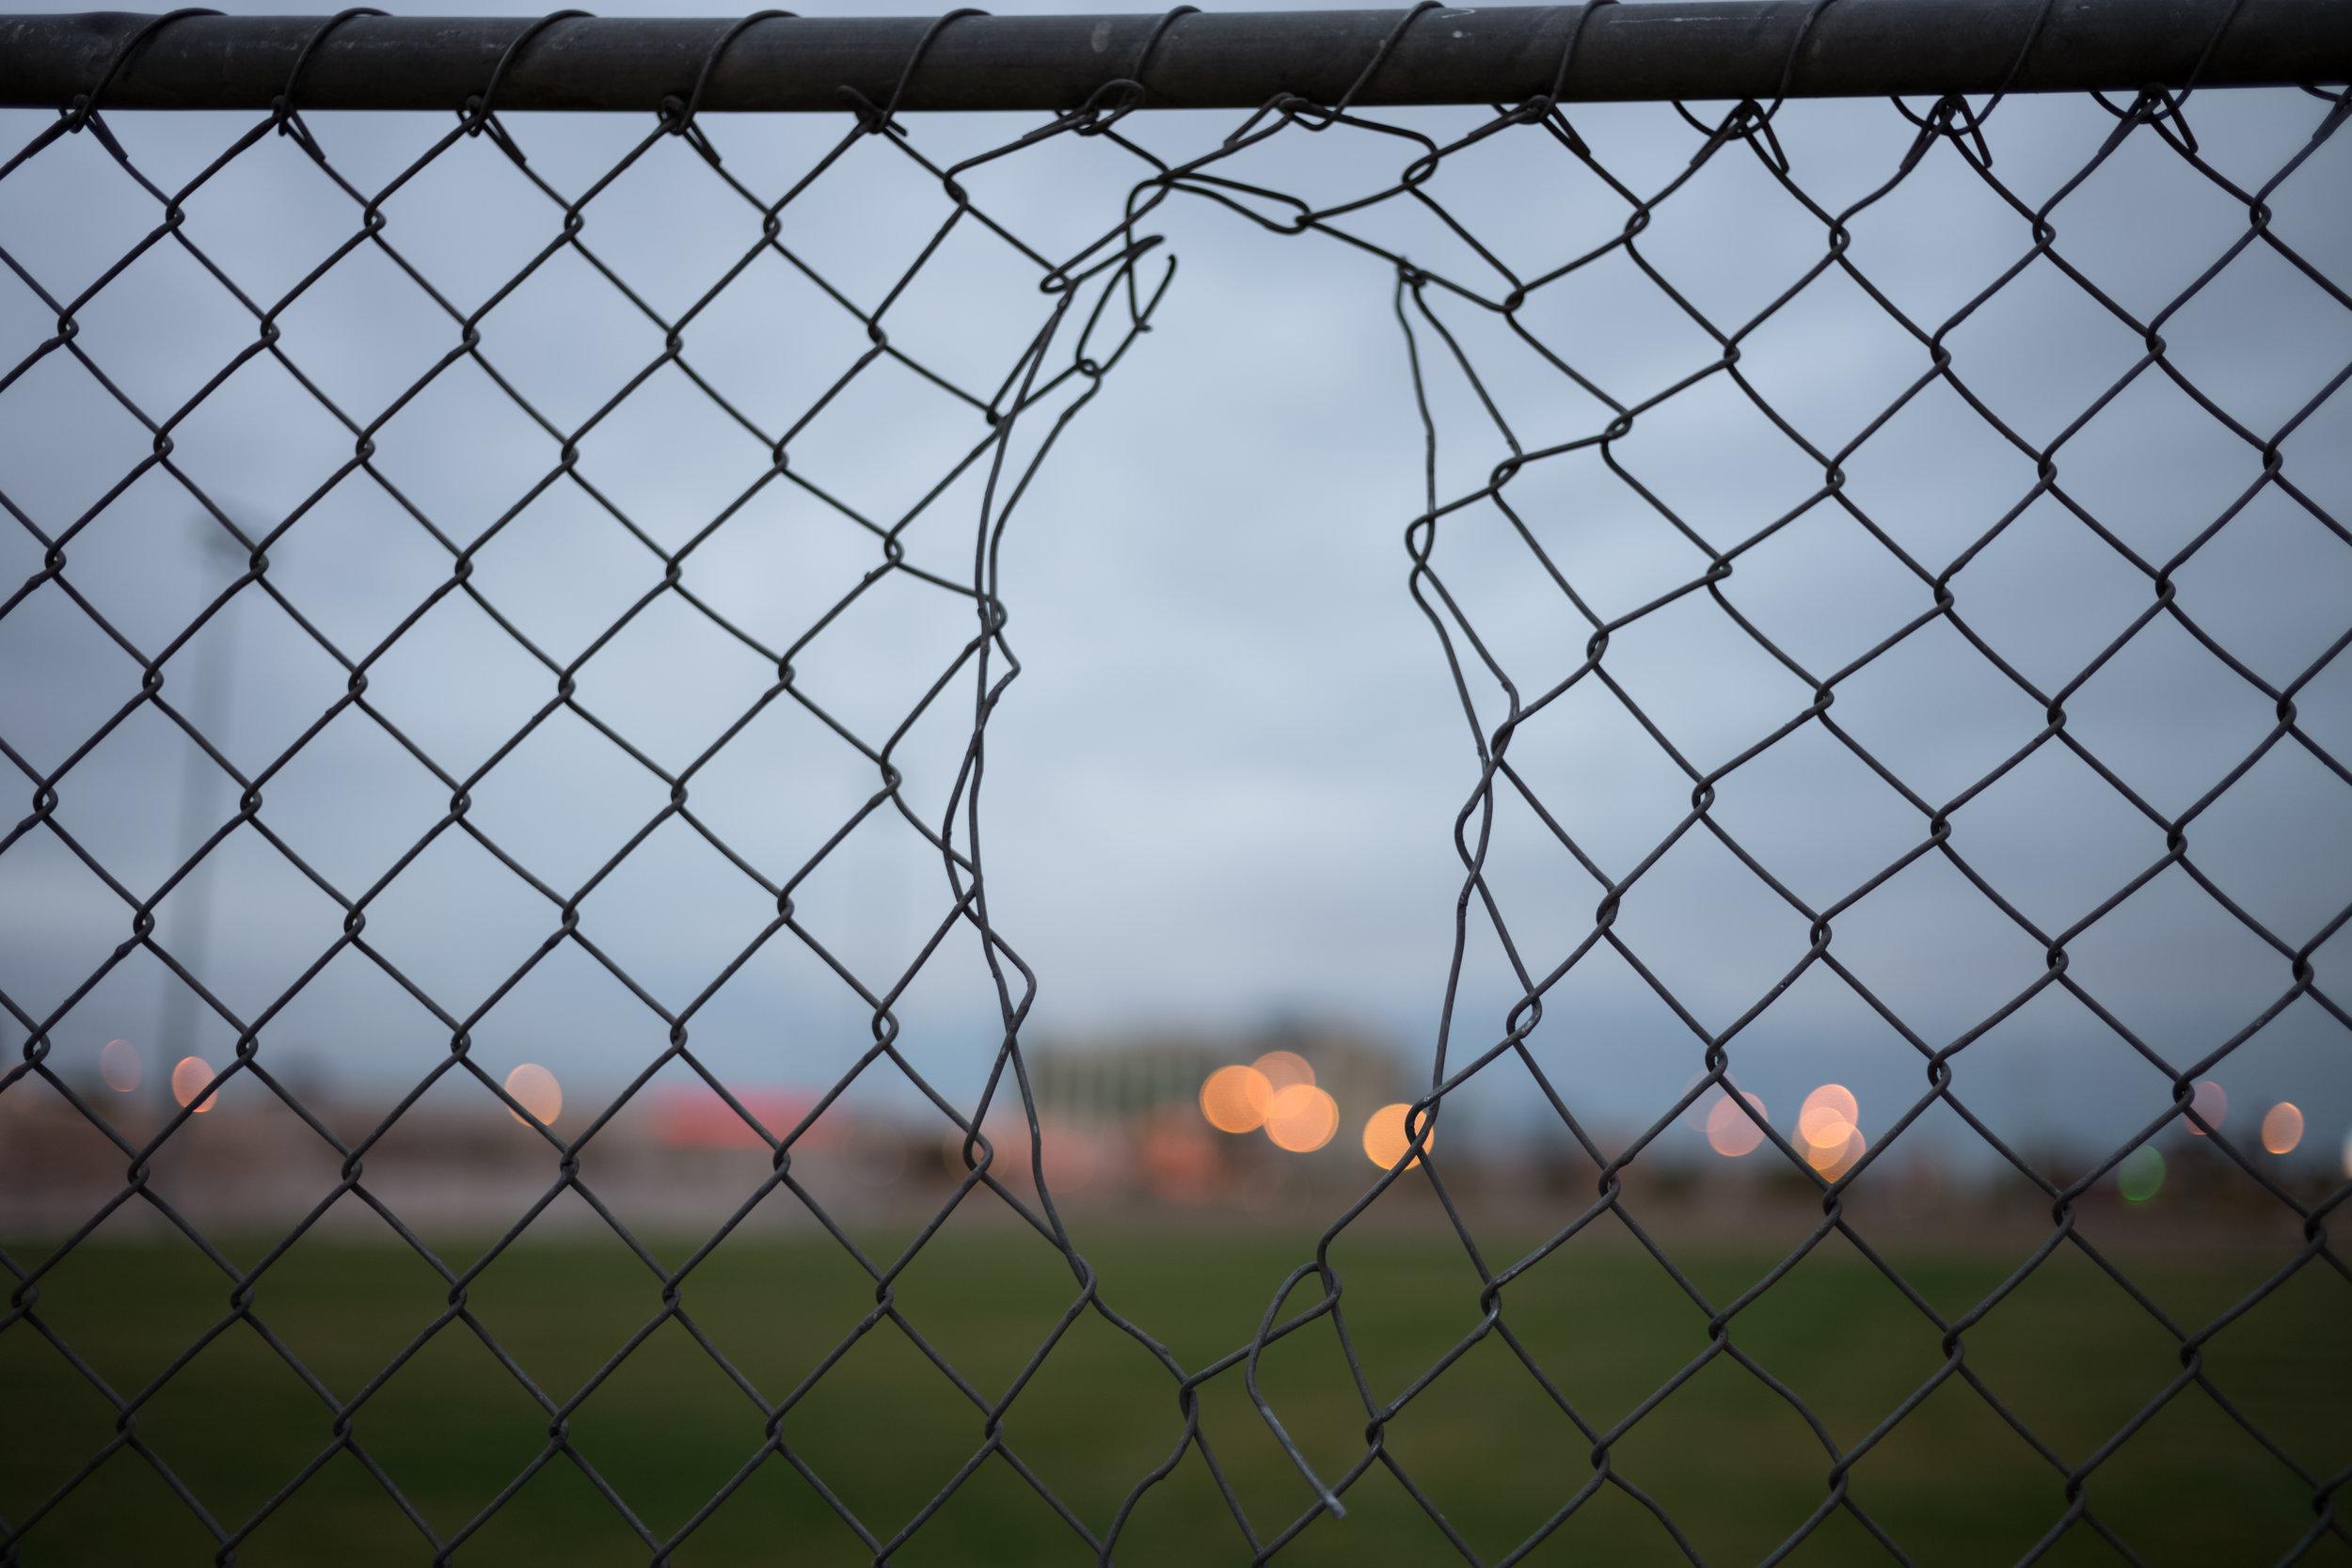 Članek o ograjah je videti kot oglasno sporočilo, vendar kot tako ni posebej označeno. Foto: Unsplash